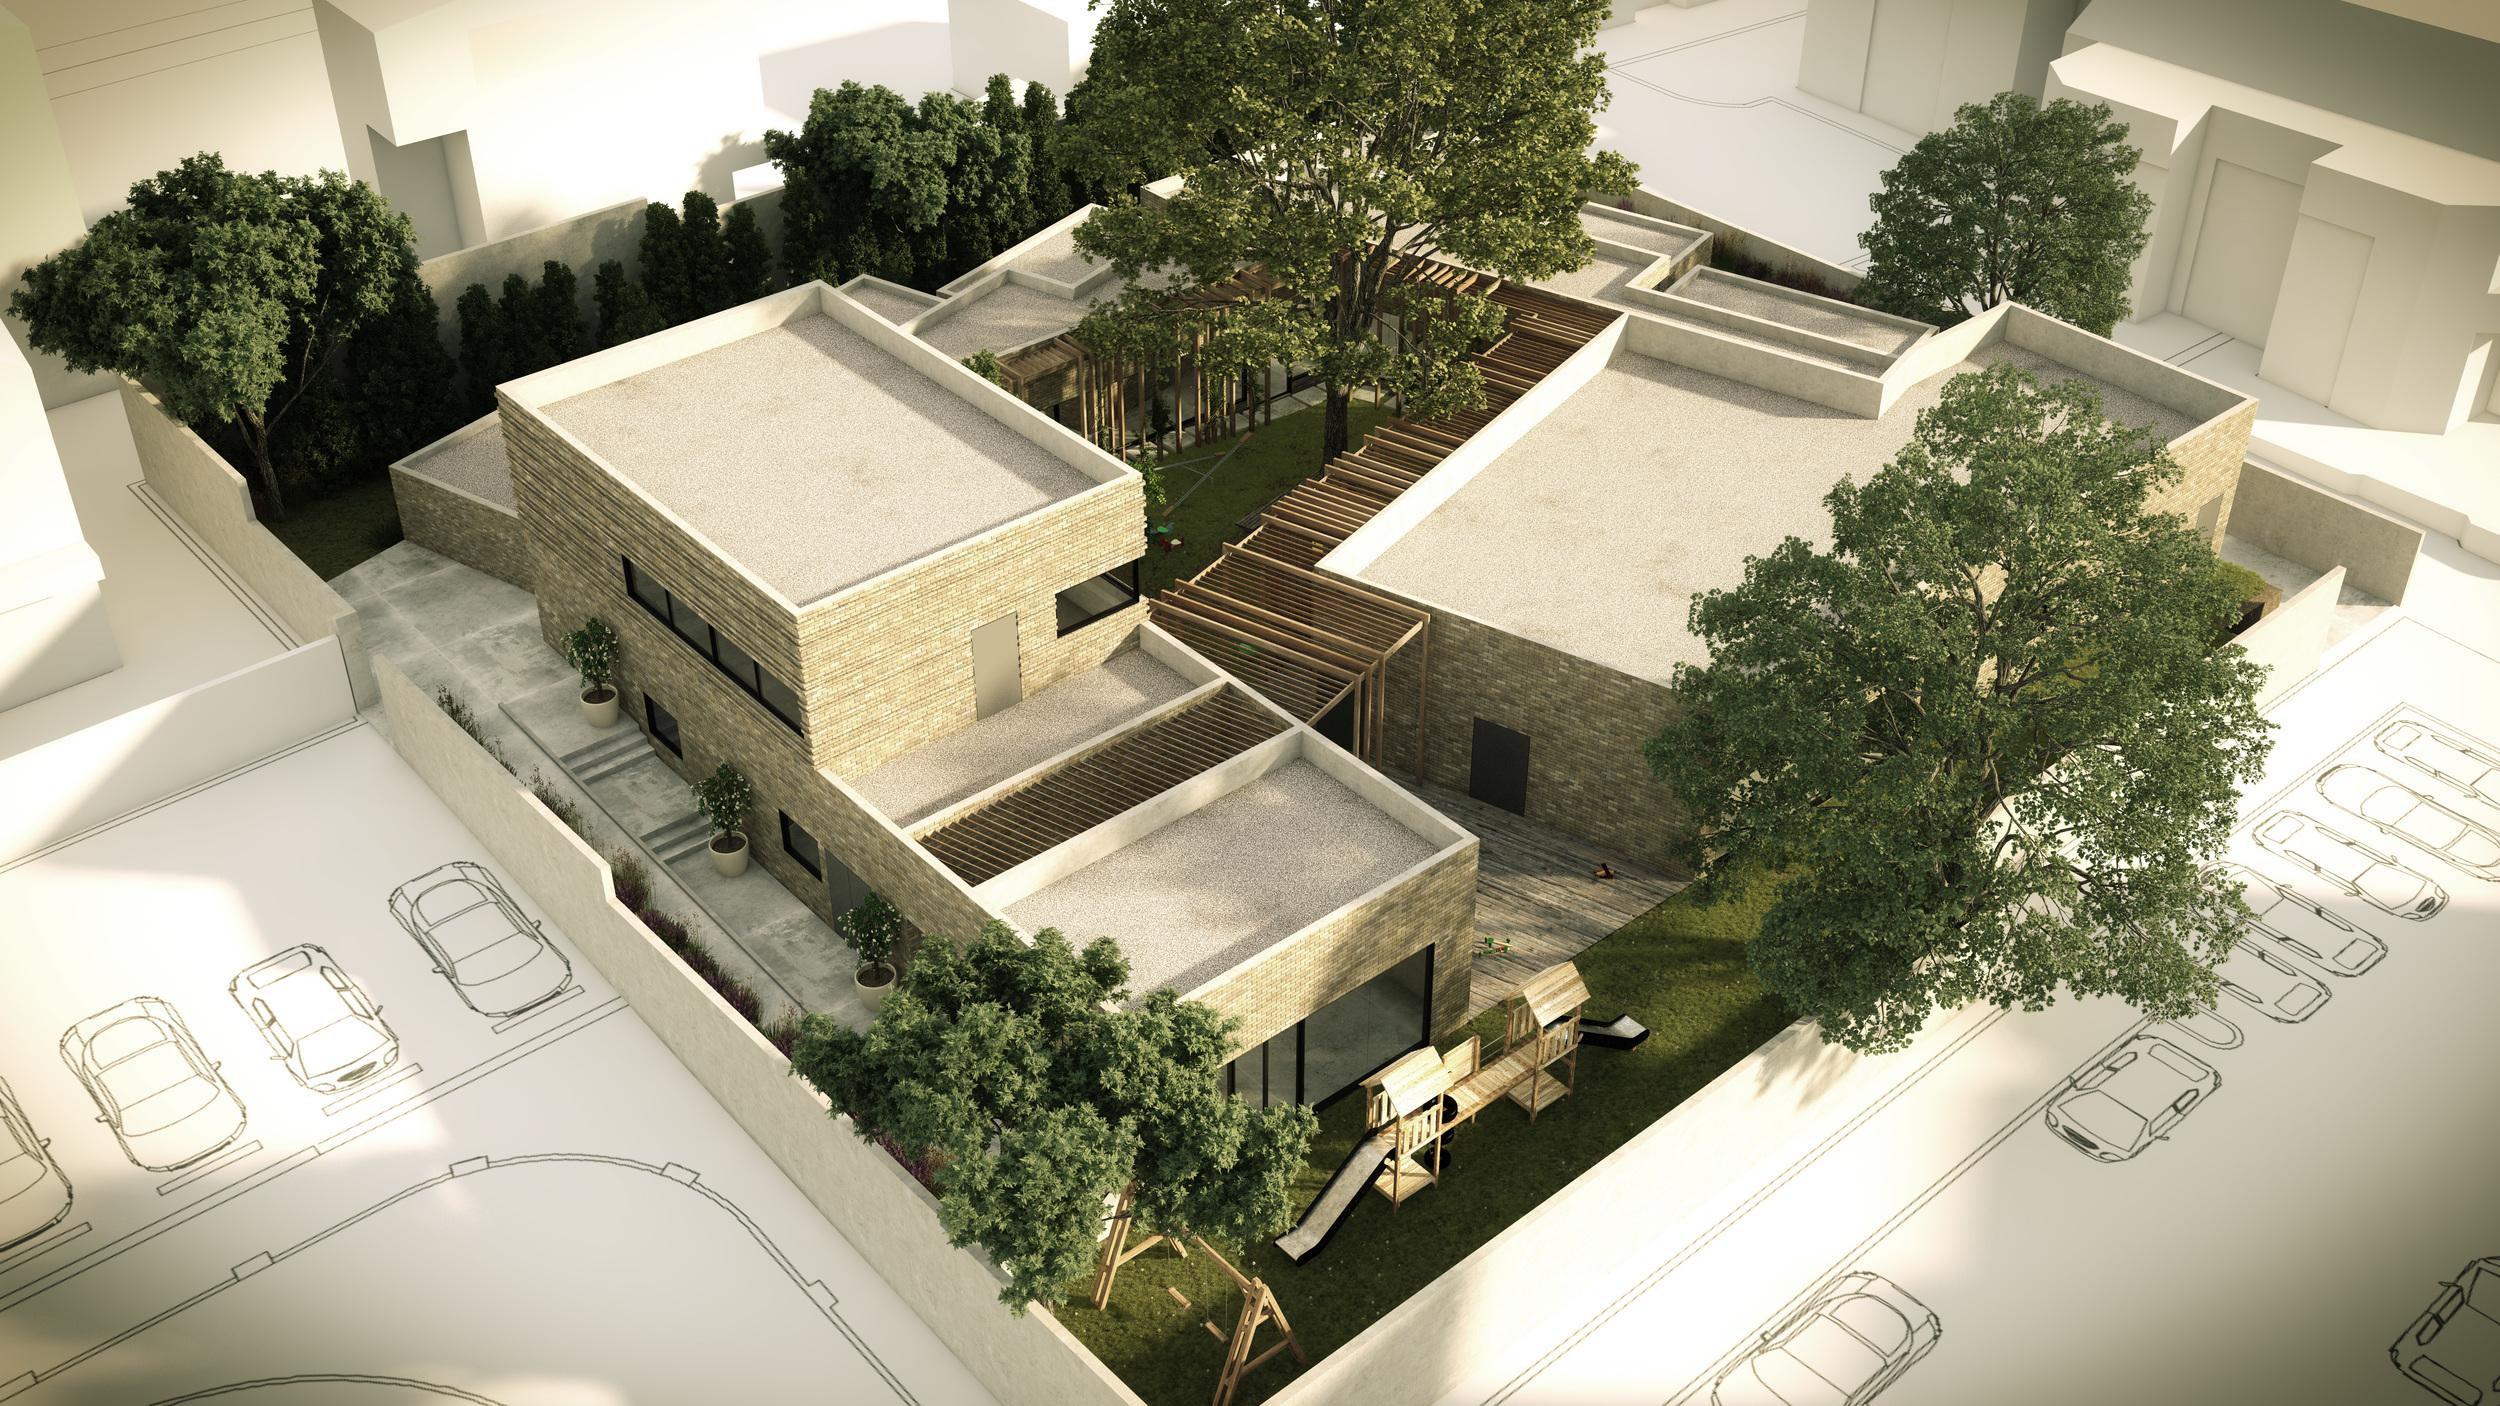 Shelter_001_Amos Goldreich Architecture.jpg